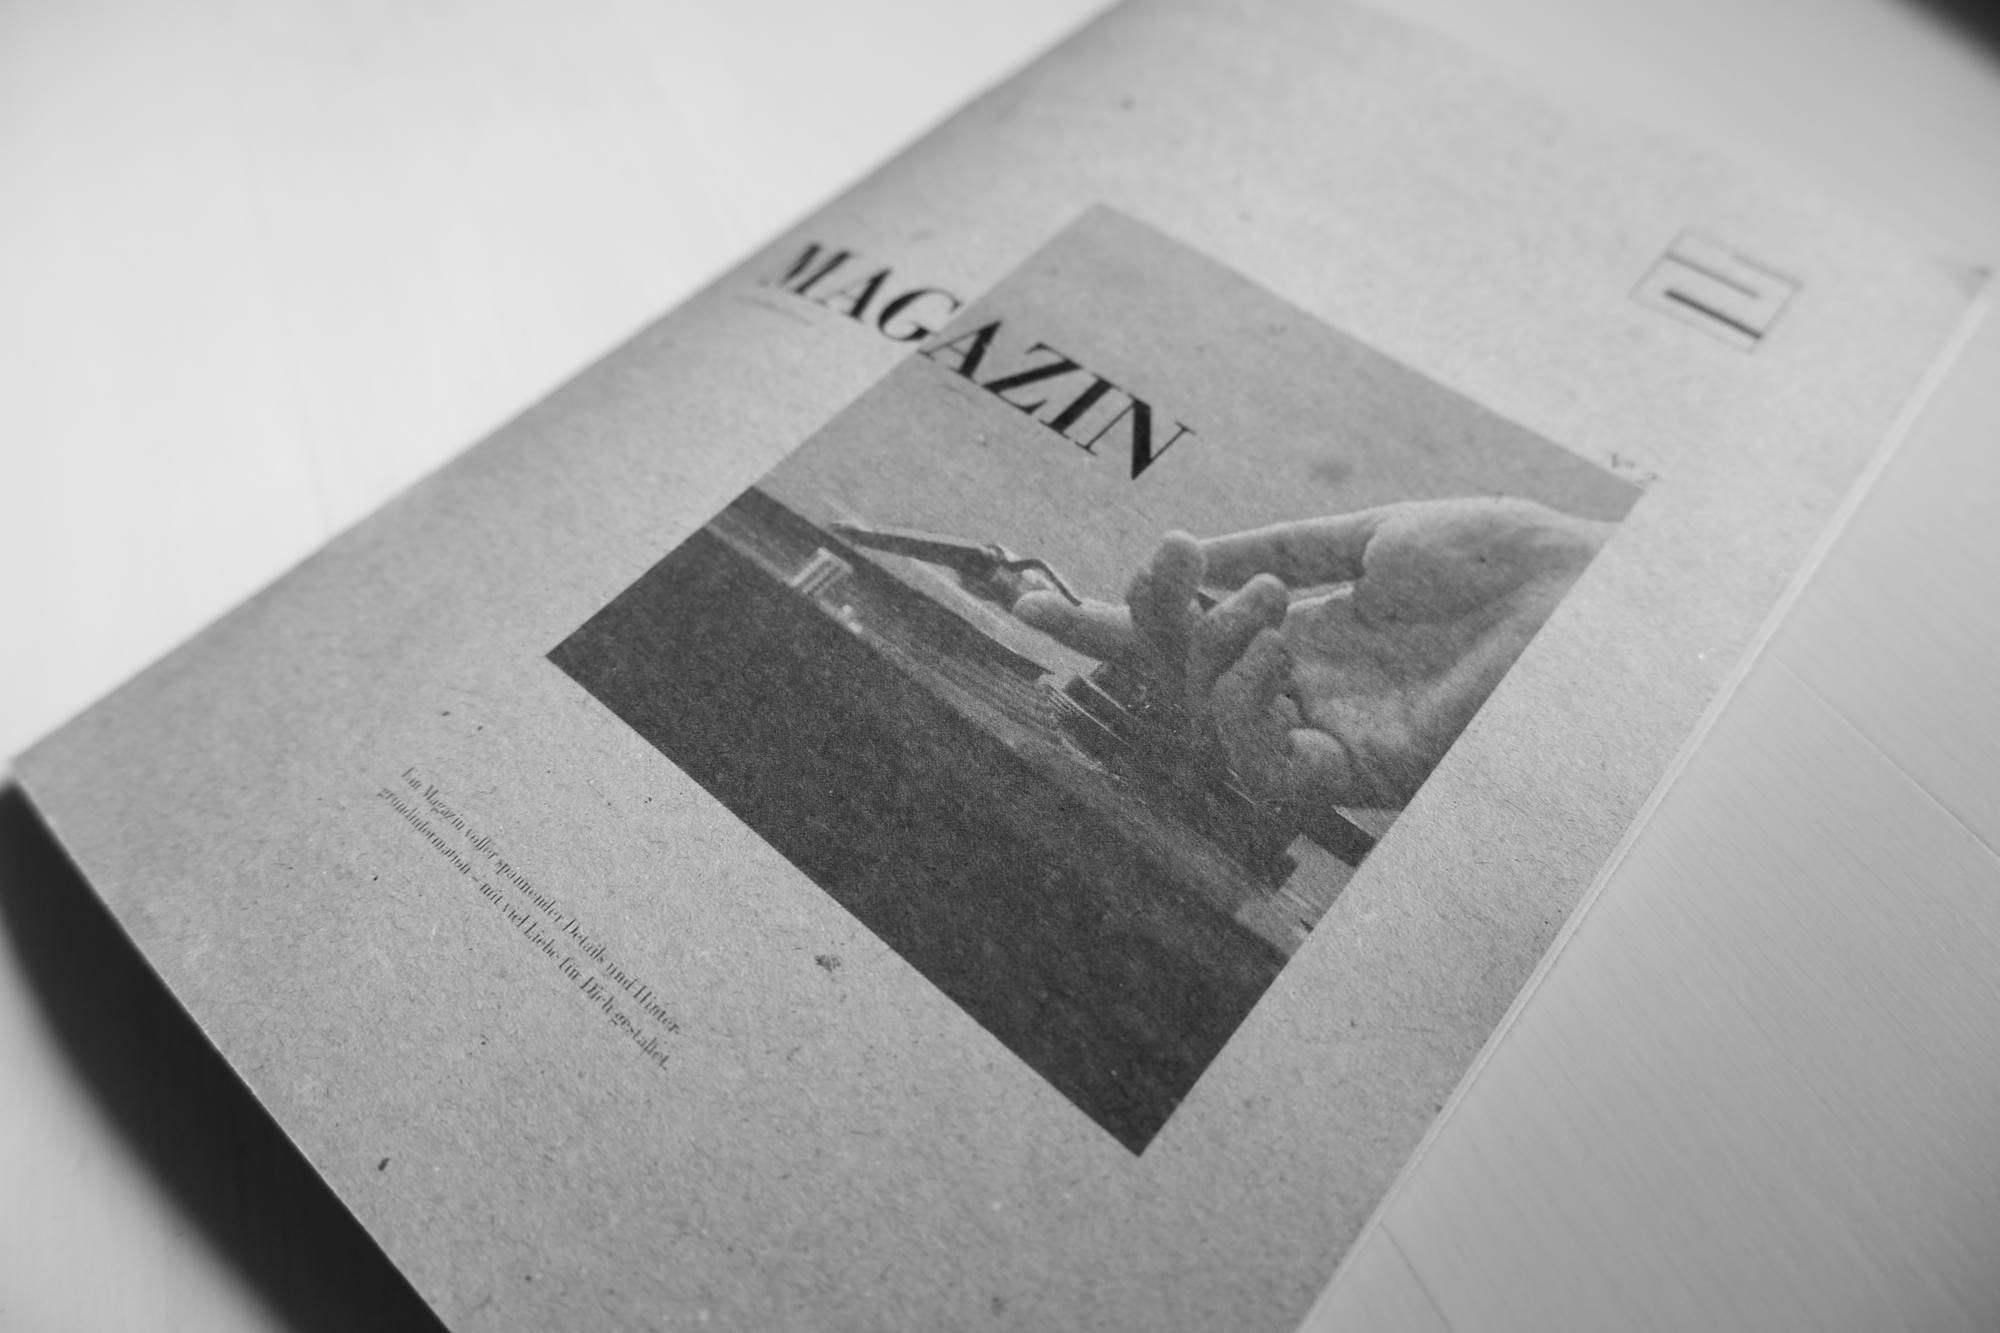 Schallplatten – eine Leidenschaft